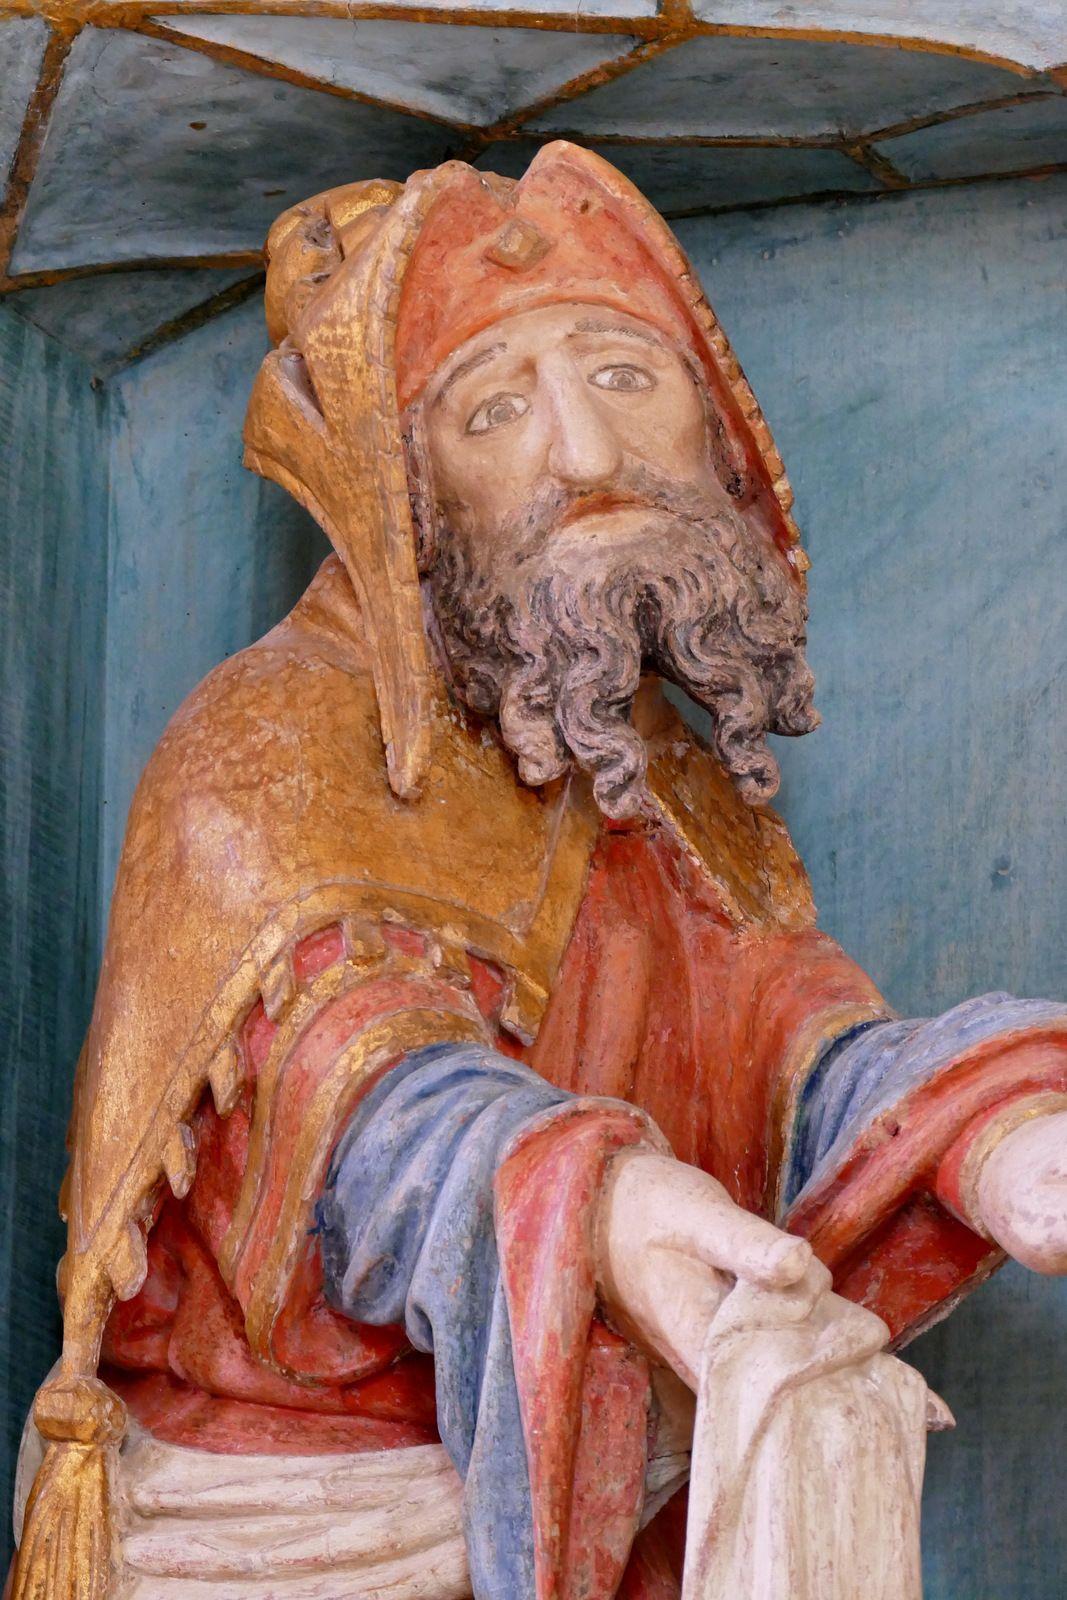 Déploration (bois polychrome, 2ème quart du XVIe siècle) de la chapelle de Quilinen en Landrévarzec. Photographie lavieb-aile juin 2020.